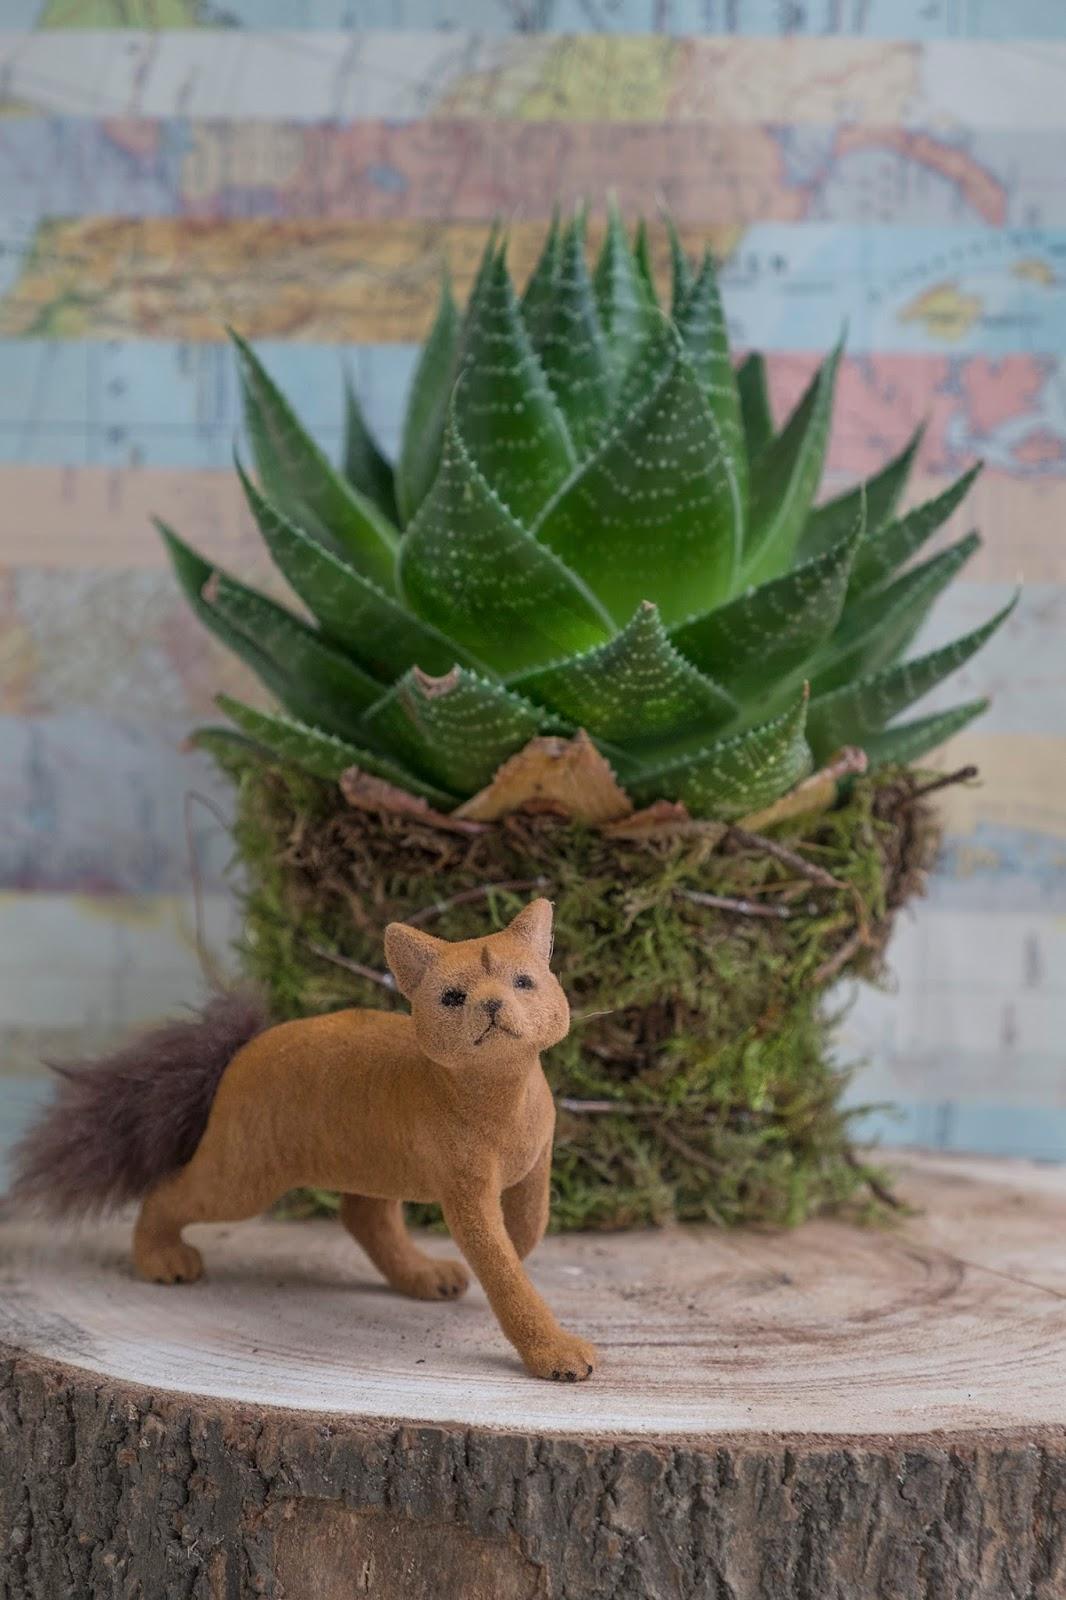 Vetplanten met mos voor decoratie - Plant & bloem